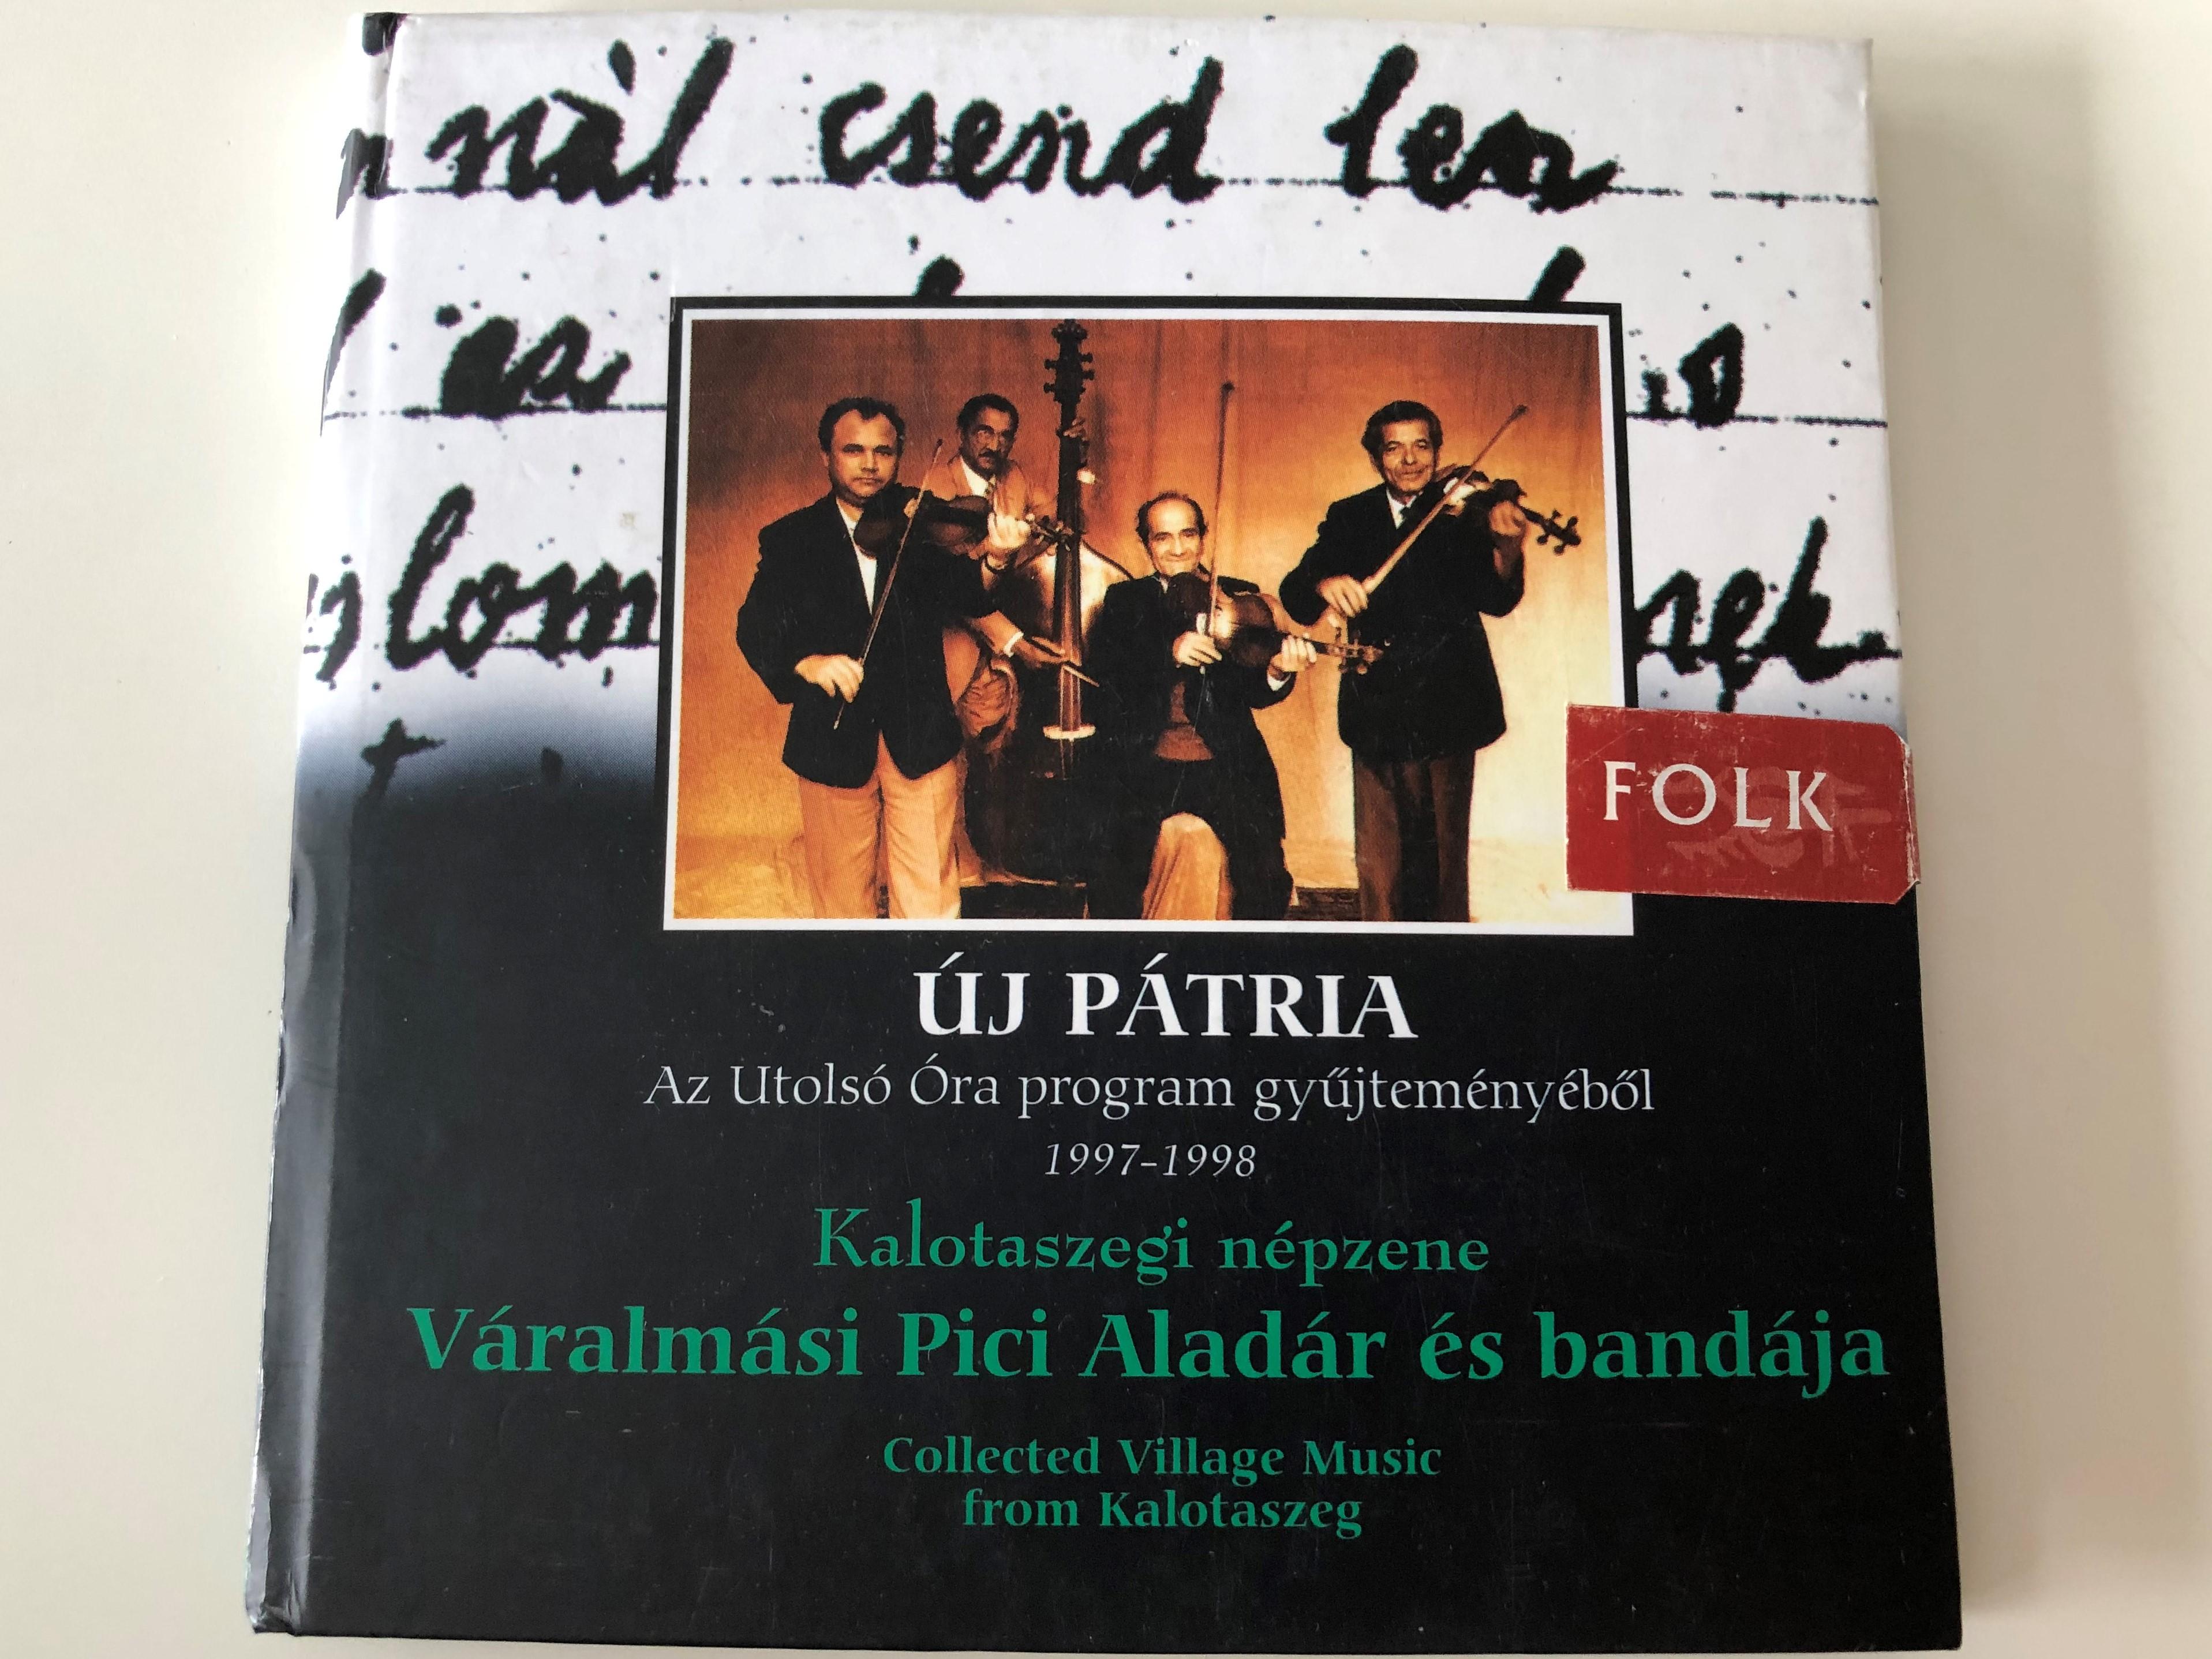 -j-p-tria-az-utols-ra-program-gy-jtem-ny-b-l-1997-1998-kalotaszegi-n-pzene-v-ralm-si-pici-alad-r-s-band-ja-collected-village-music-from-kalotaszeg-fon-records-audio-cd-1998-fa-101-1-.jpg